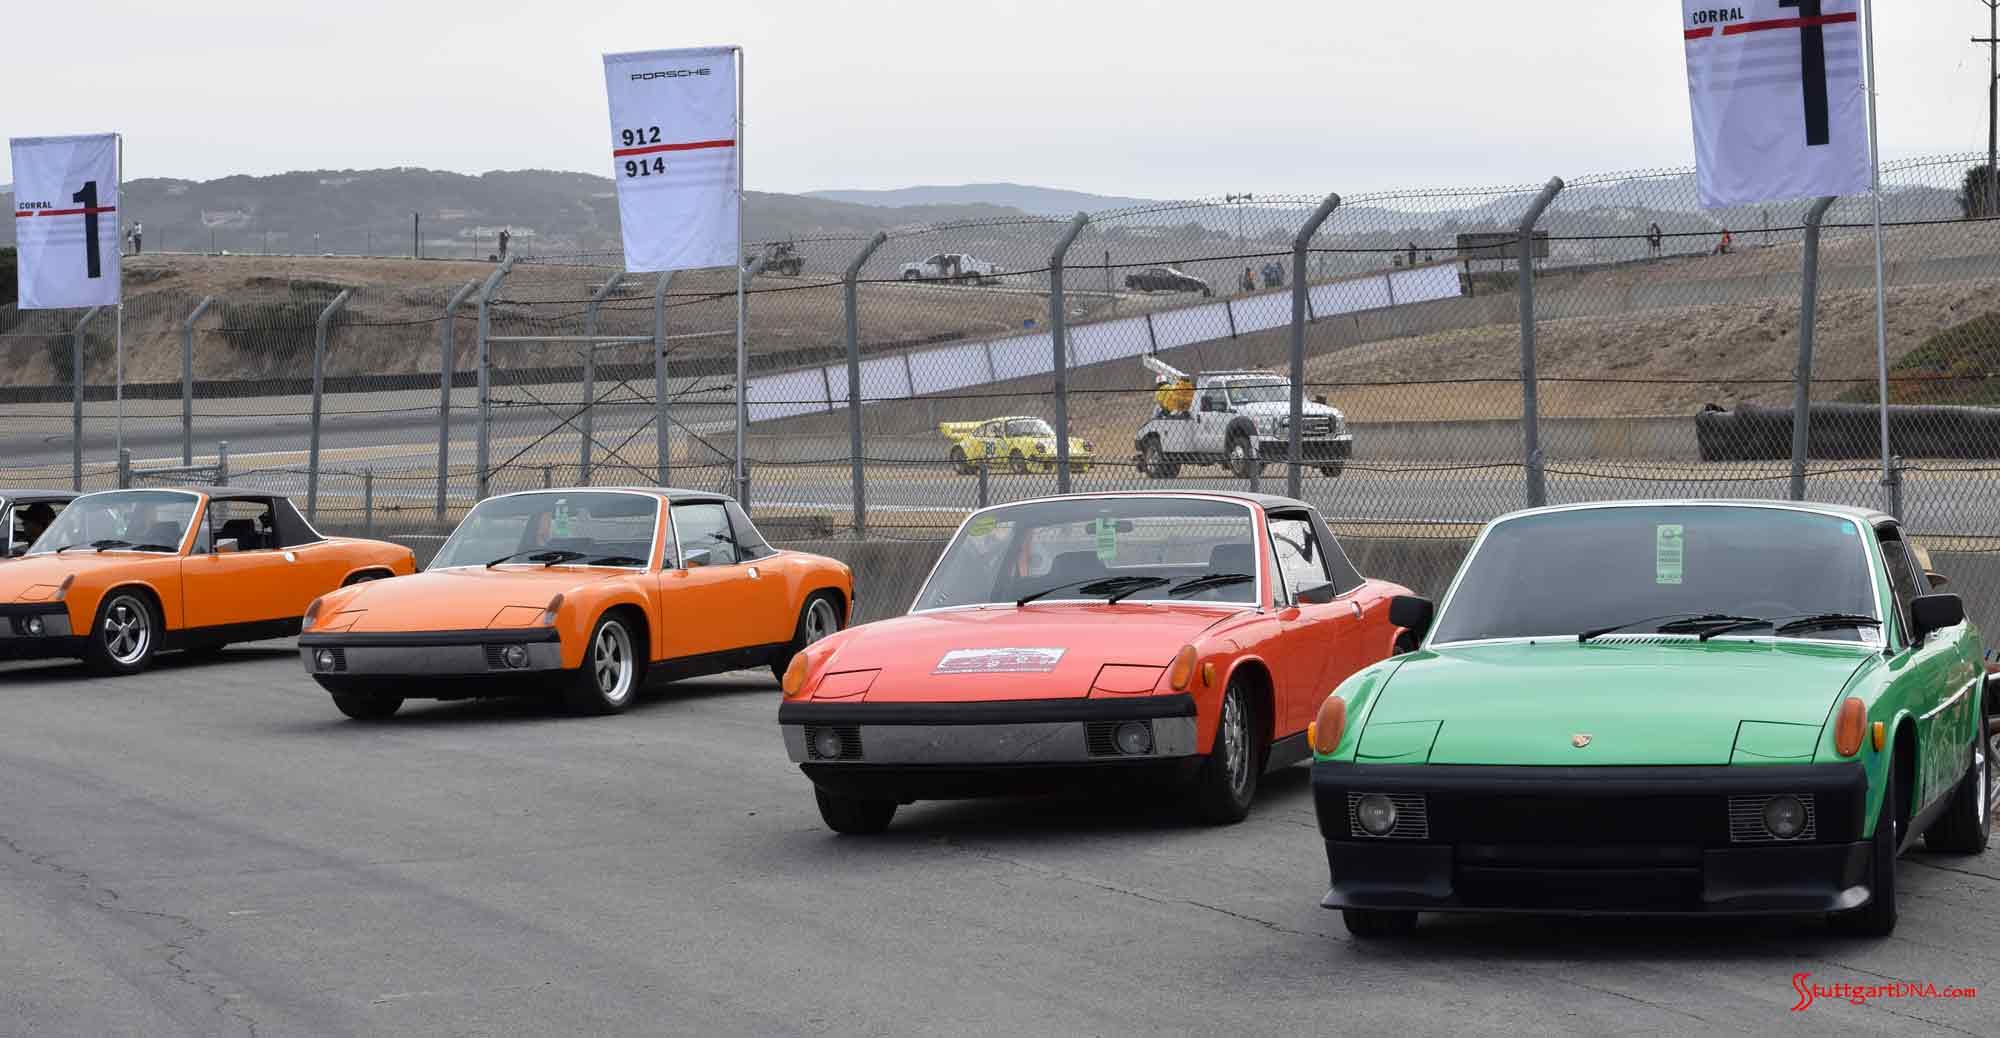 Porsche type numbers decoded | StuttgartDNA